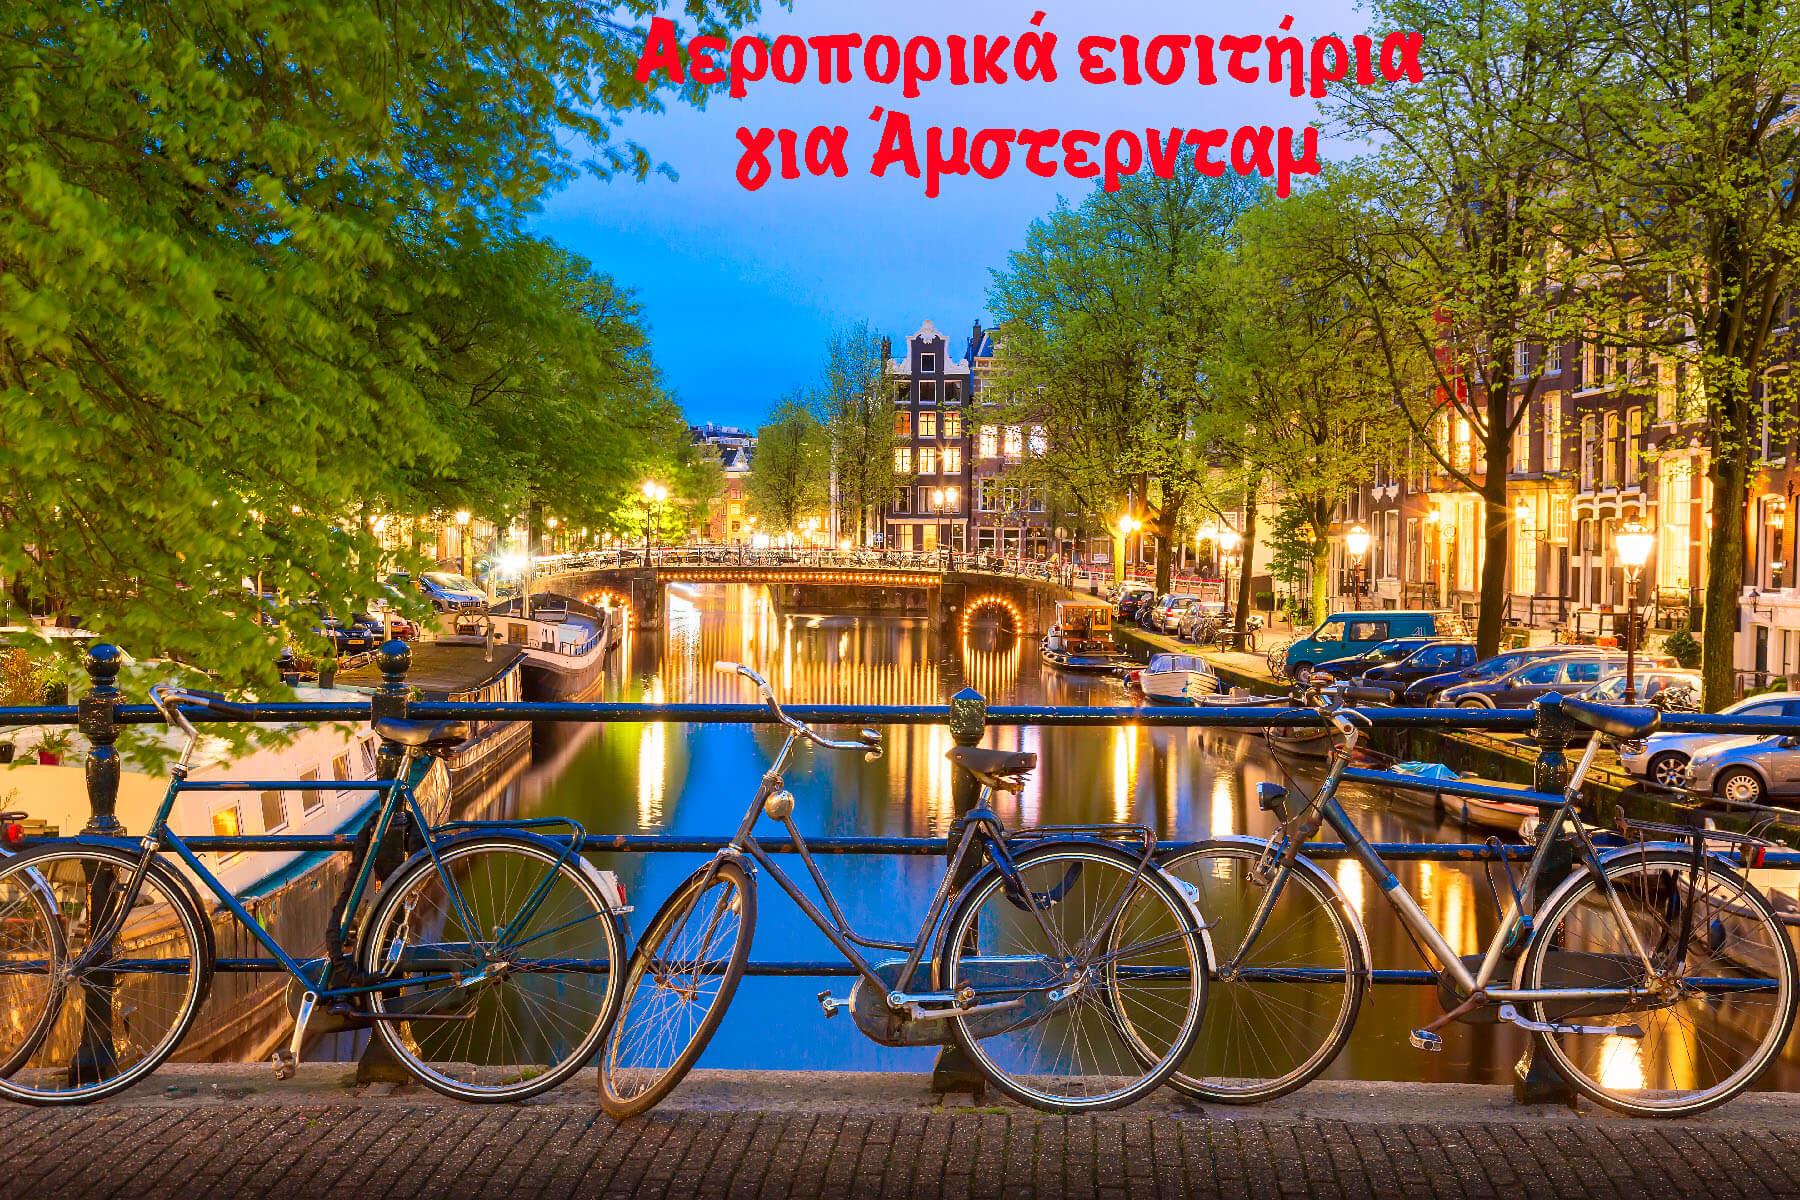 αεροπορικα εισιτηρια για Αμστερνταμ - Αθηνα Αμστερνταμ αεροπορικα